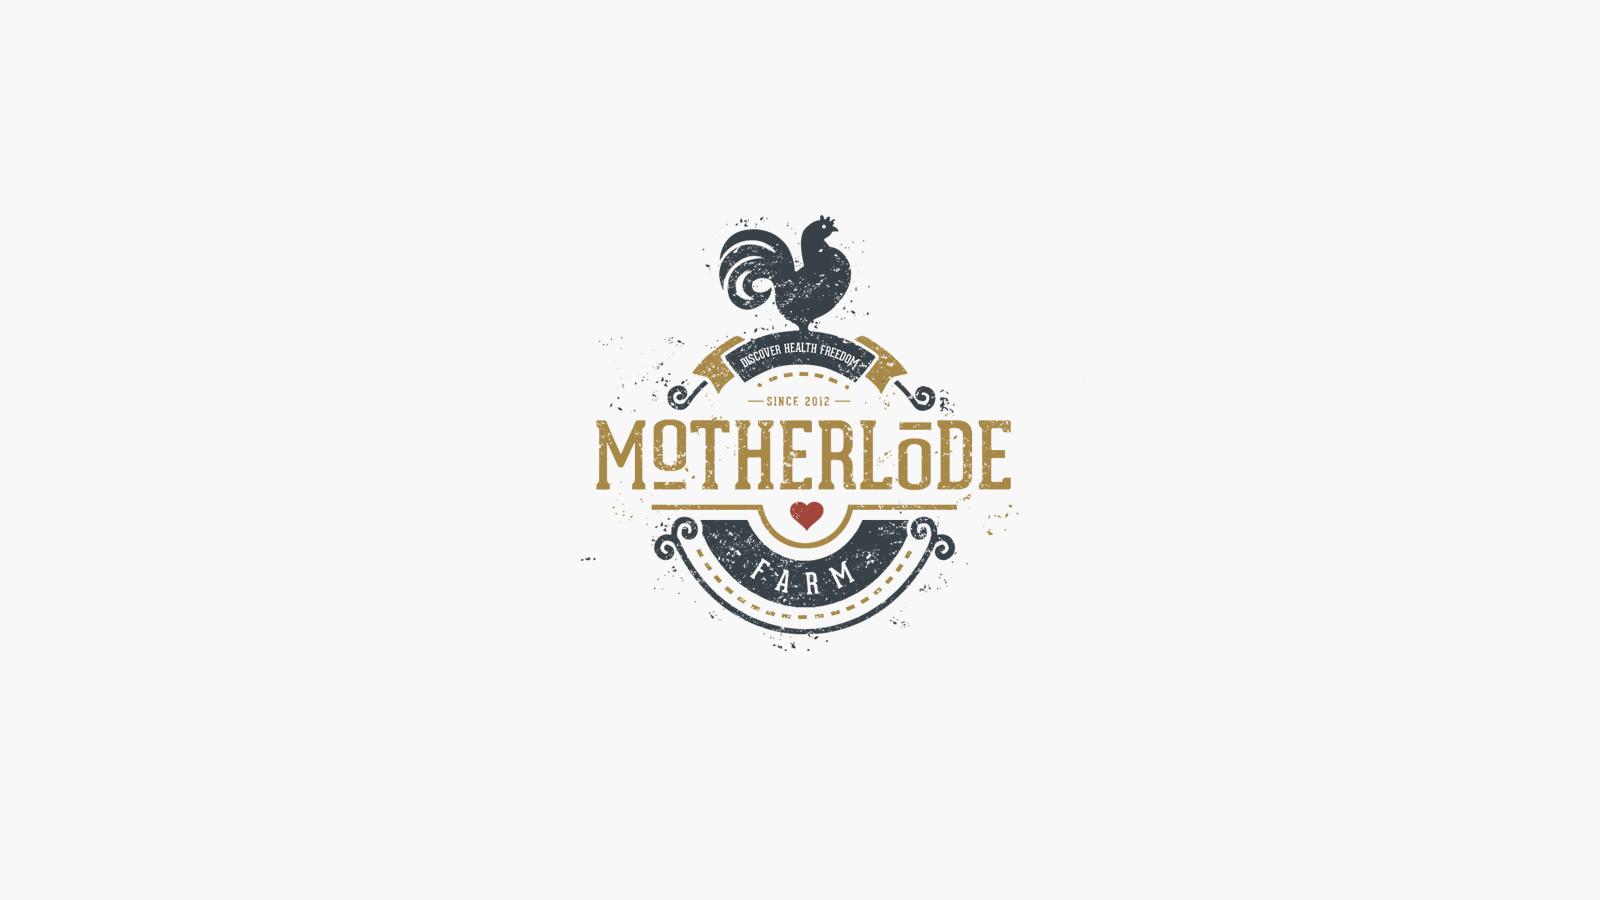 Motherlode Farms Logo